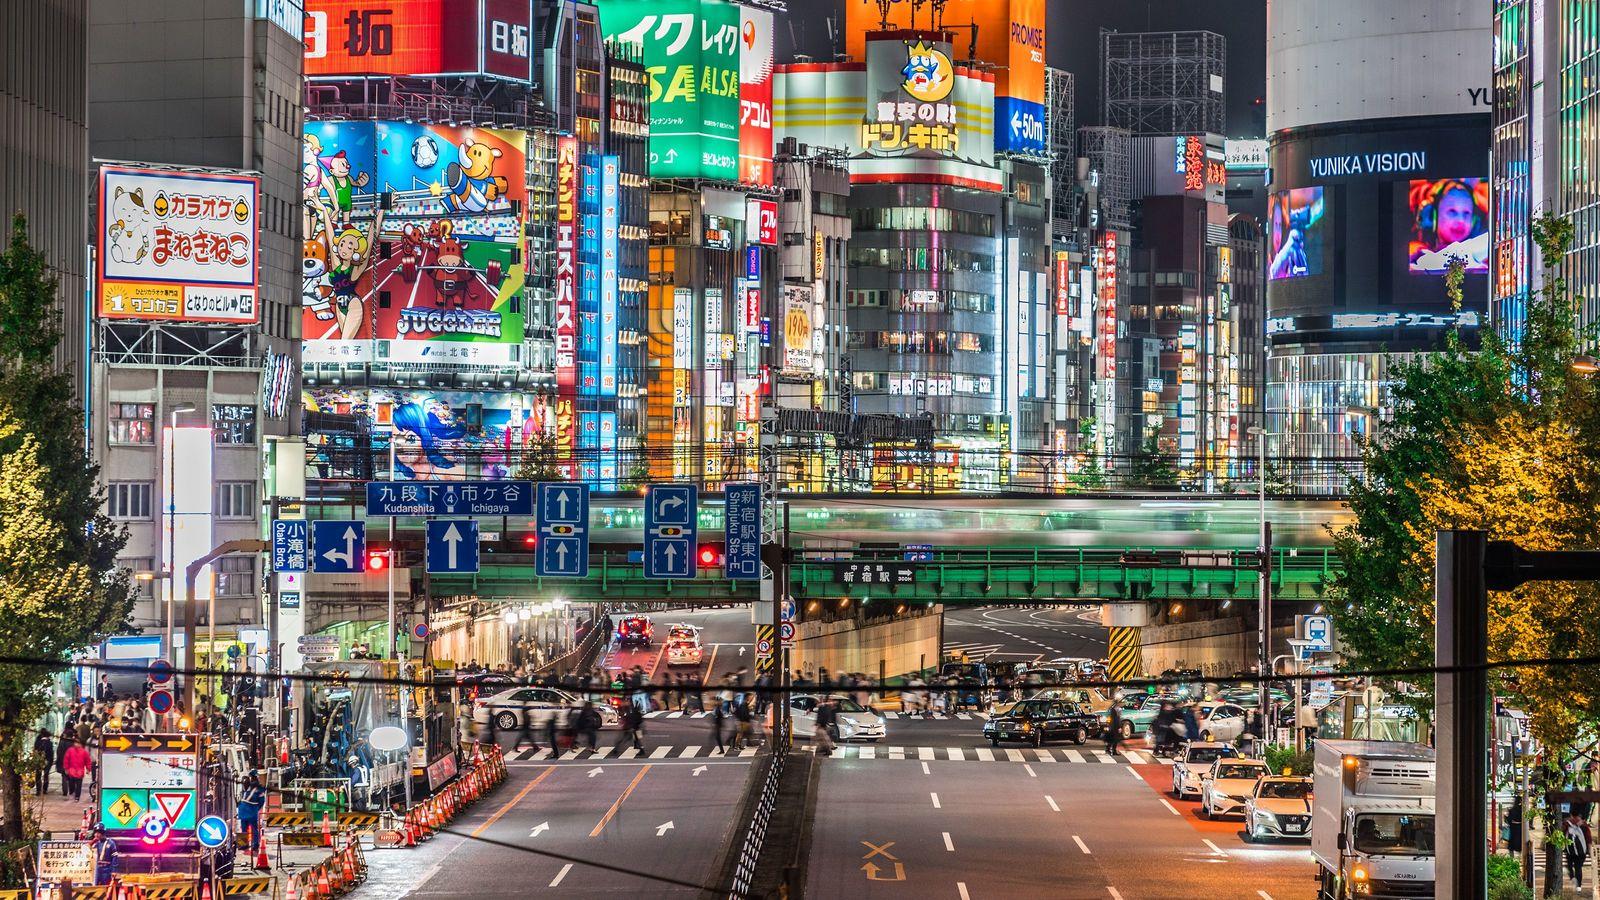 「渋谷、新宿、池袋」に外国人がわざわざ来る理由 上海やバンコクより、東京が面白い